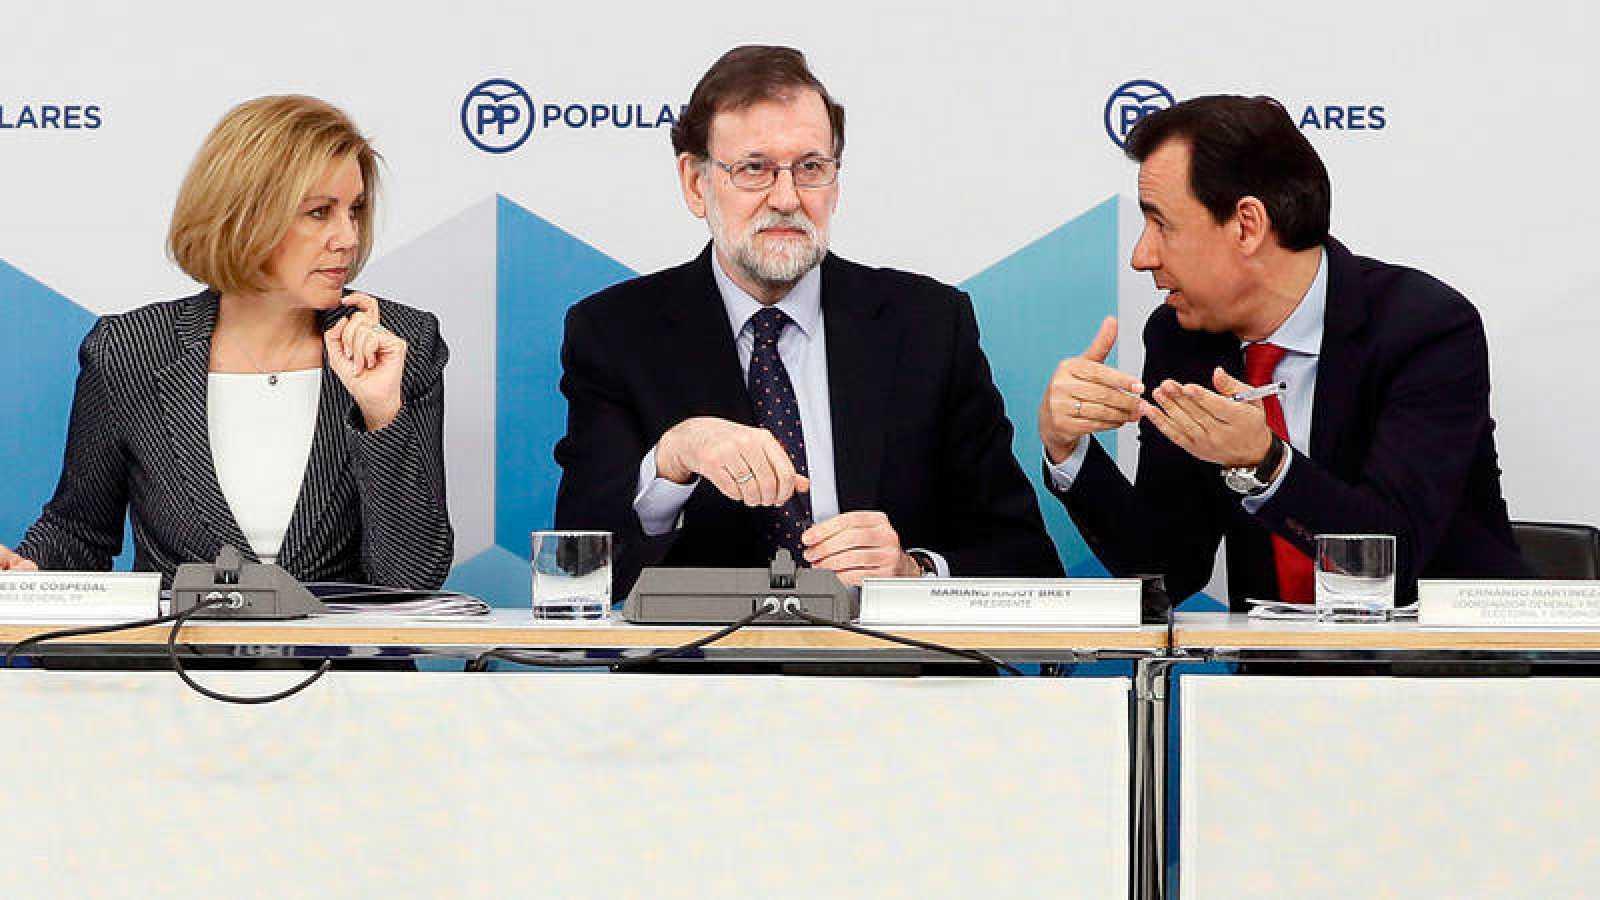 El presidente del Gobierno y del PP, Mariano Rajoy, junto a la secretaria general del partido, María Dolores de Cospedal, y el coordinador general, Fernando Martínez-Maíllo